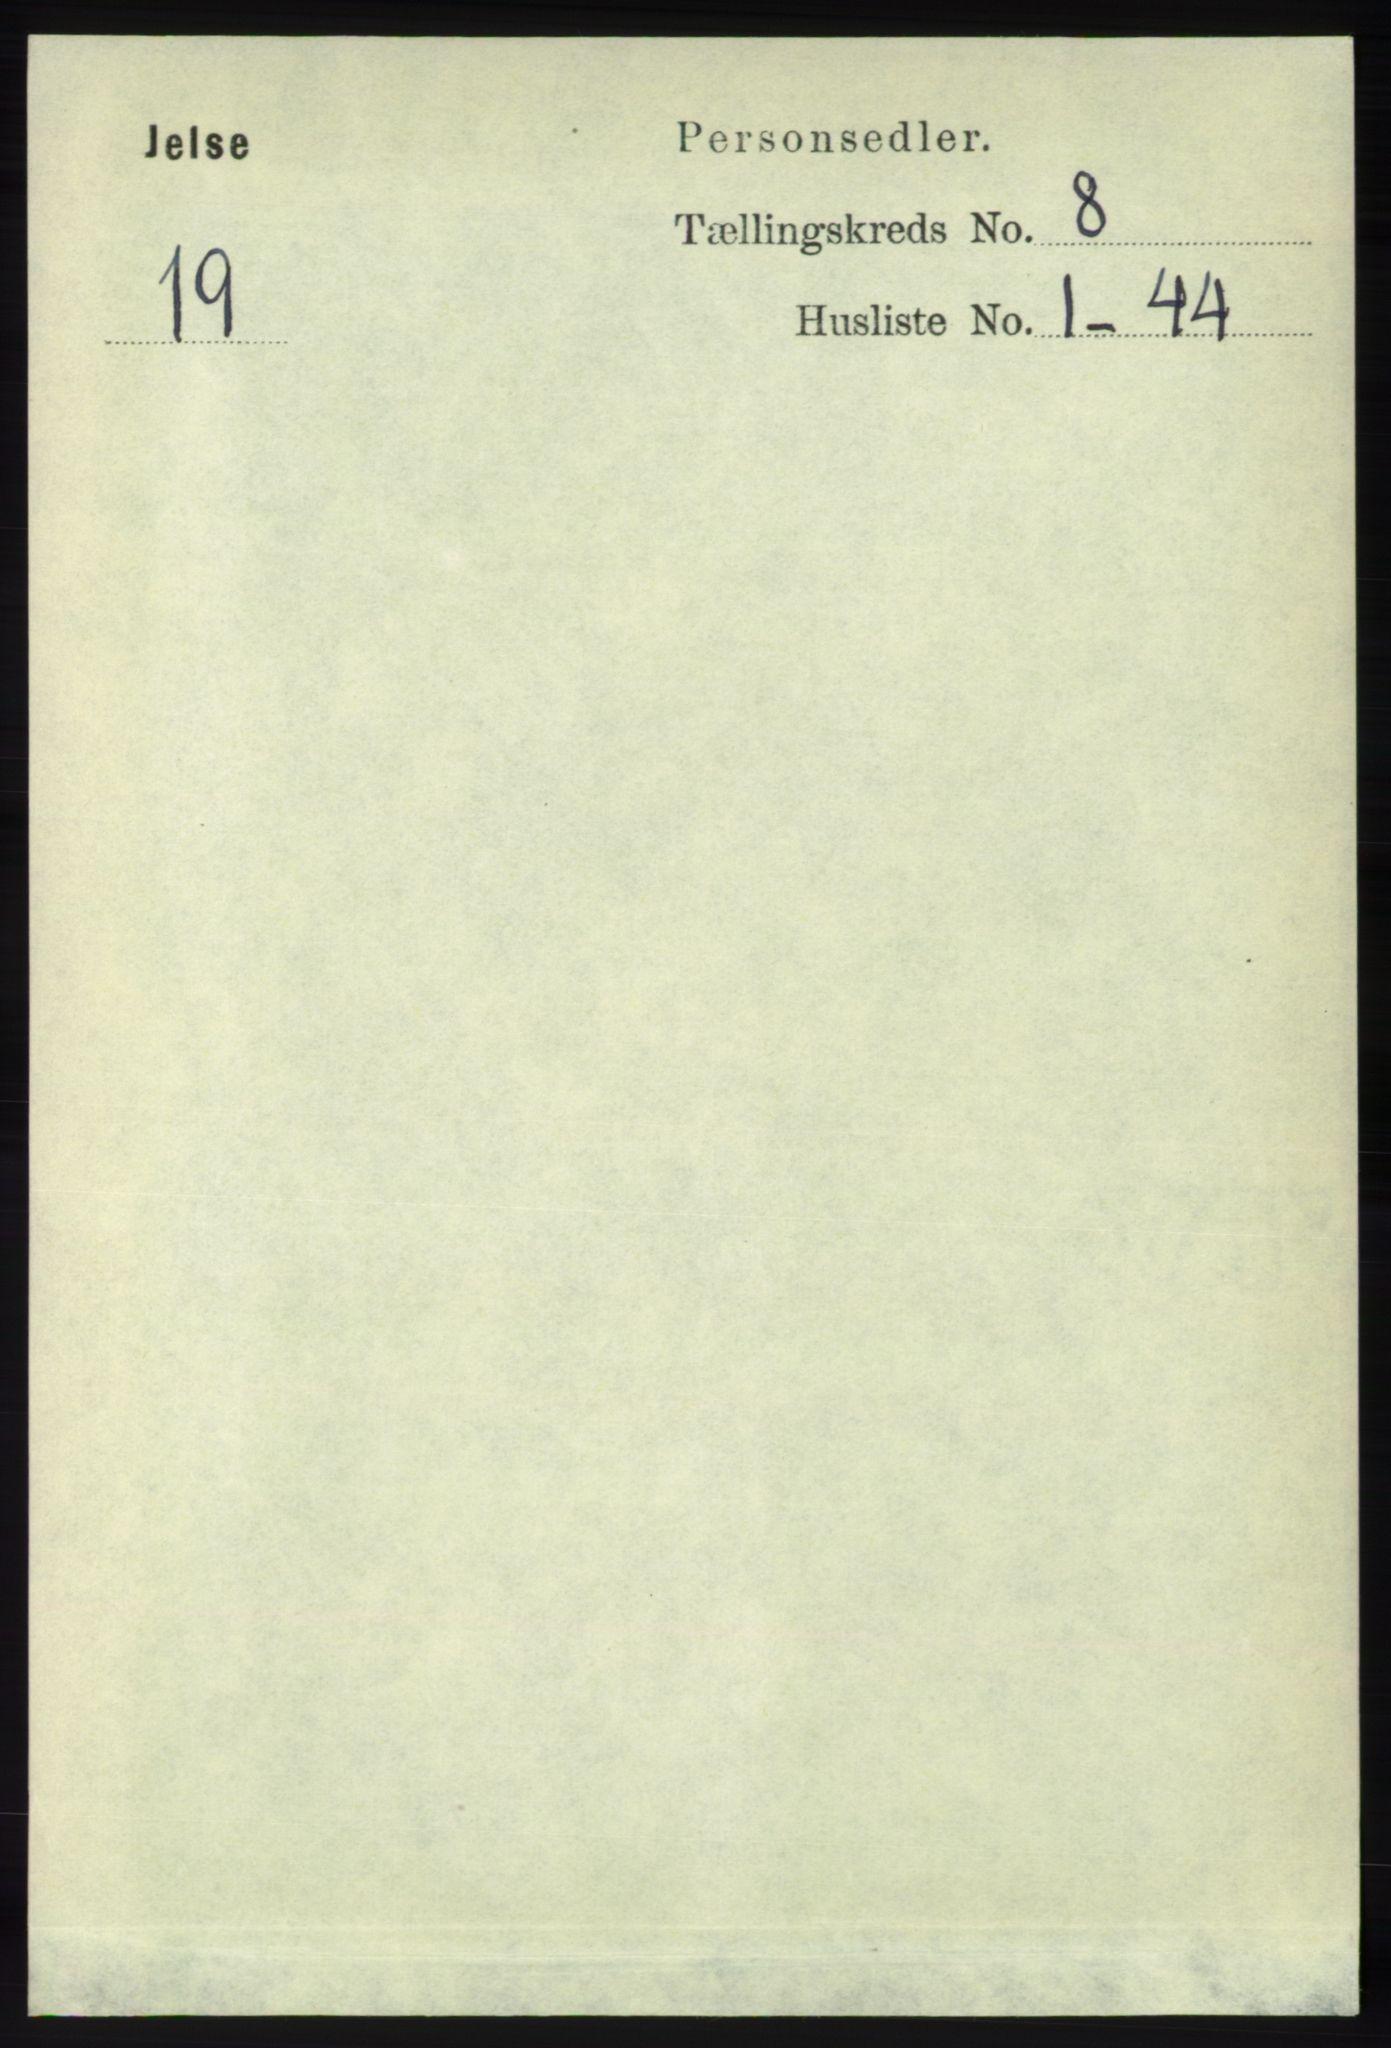 RA, Folketelling 1891 for 1138 Jelsa herred, 1891, s. 1802